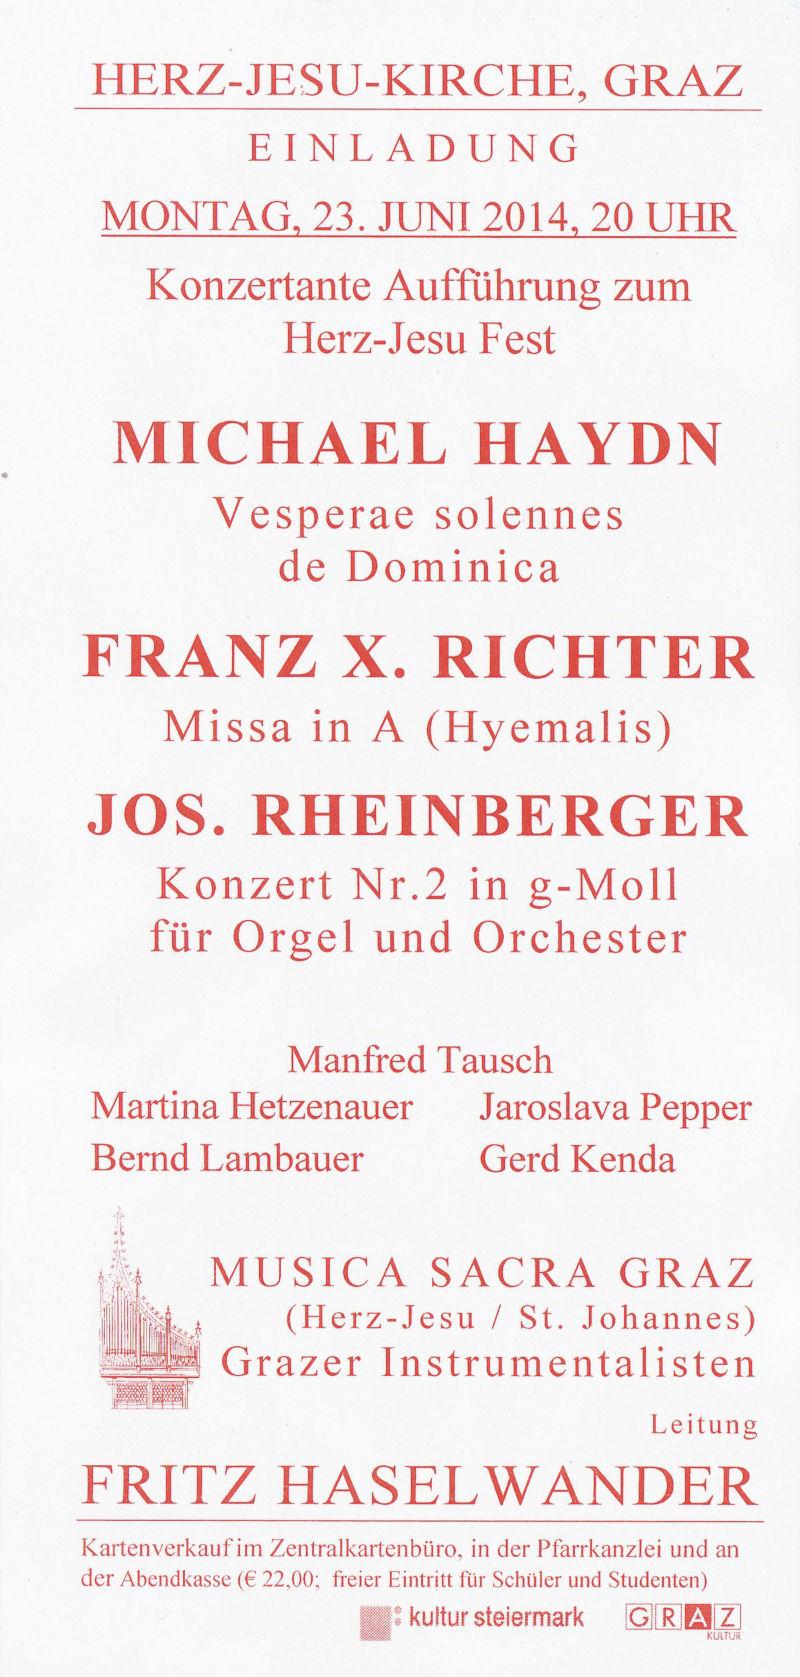 Orgelkonzert in der Herz-Jesu-Kirche im Juni 2014